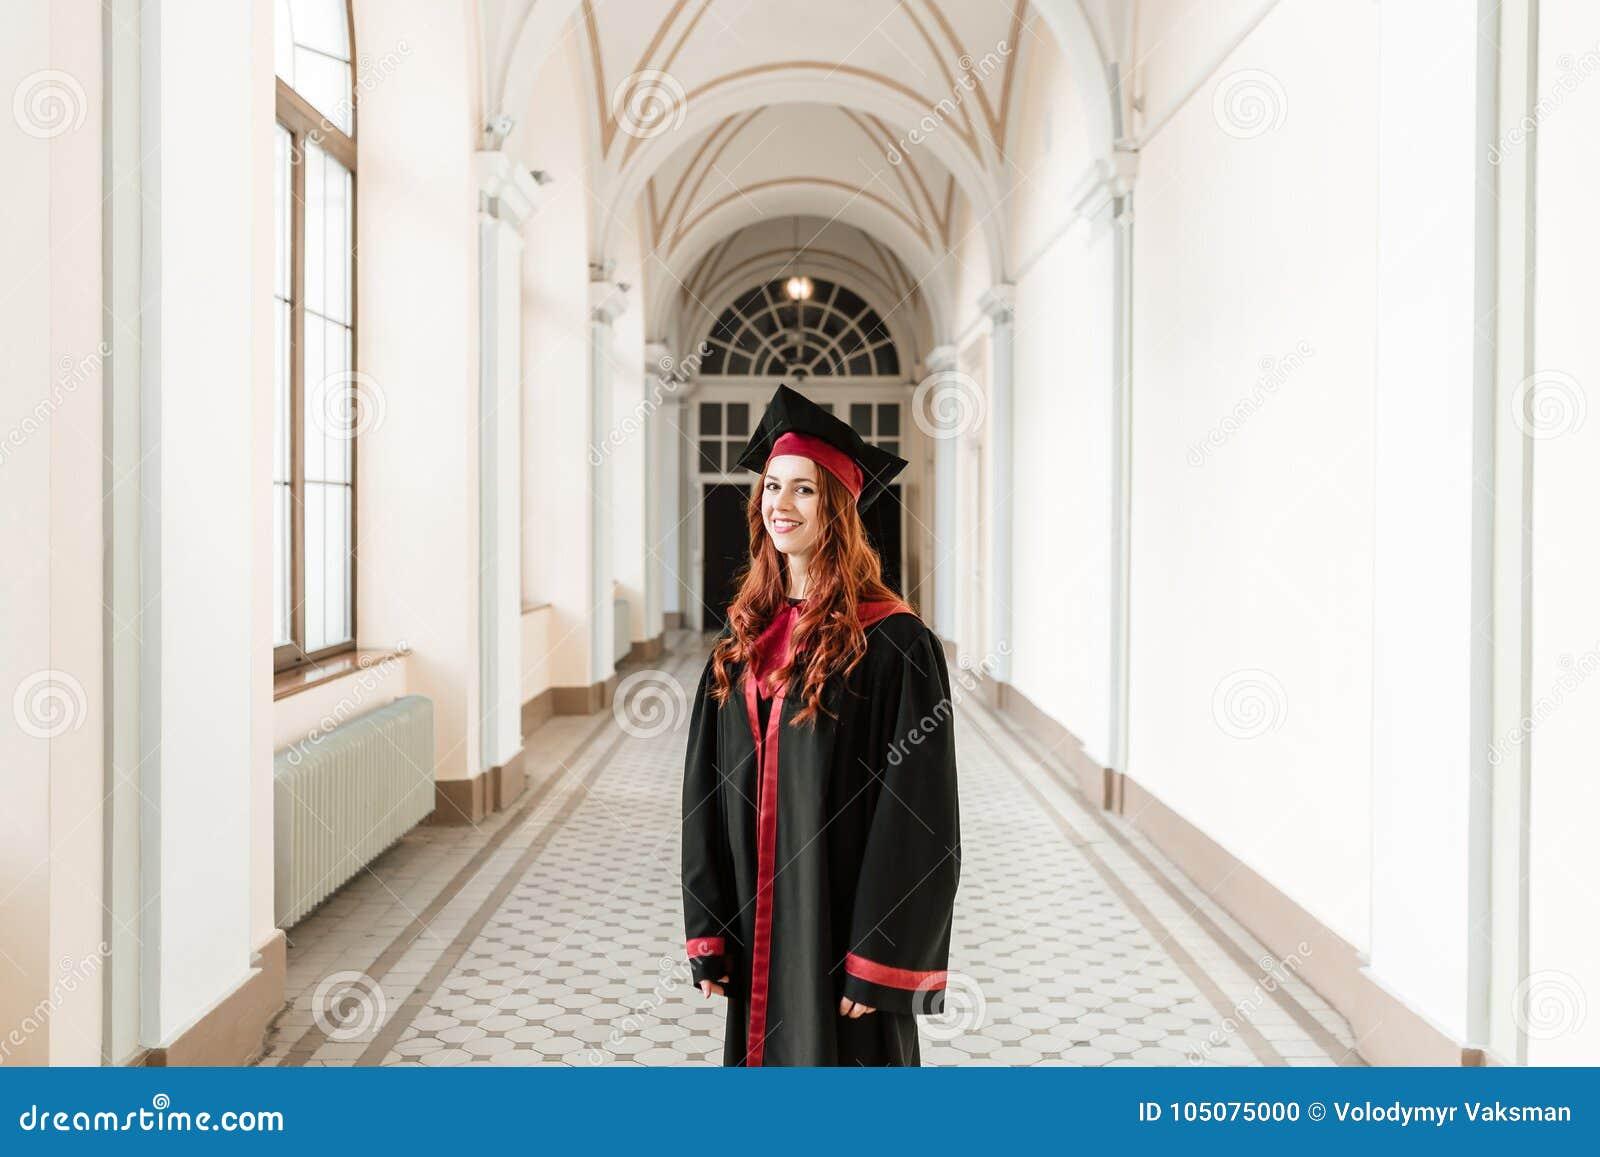 Portret kończyć studia studenckiej dziewczyny uniwersytet